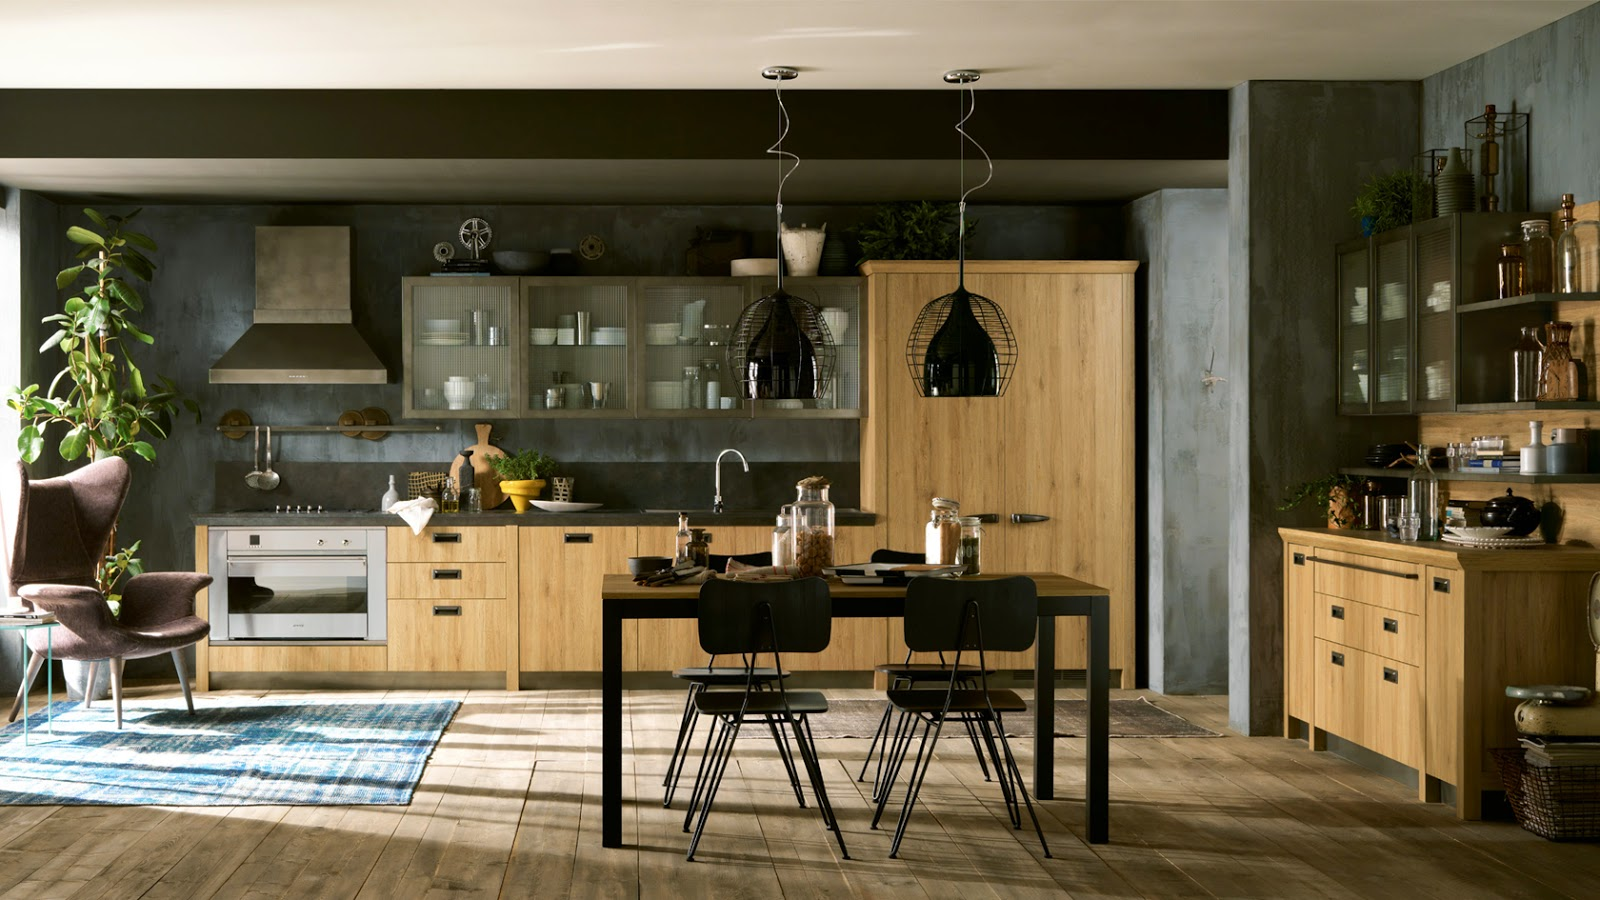 #8E6E3D Cozinhas estilo industrial Decoração Fácil 1600x900 px Estilo De Cozinha Em Casa_222 Imagens